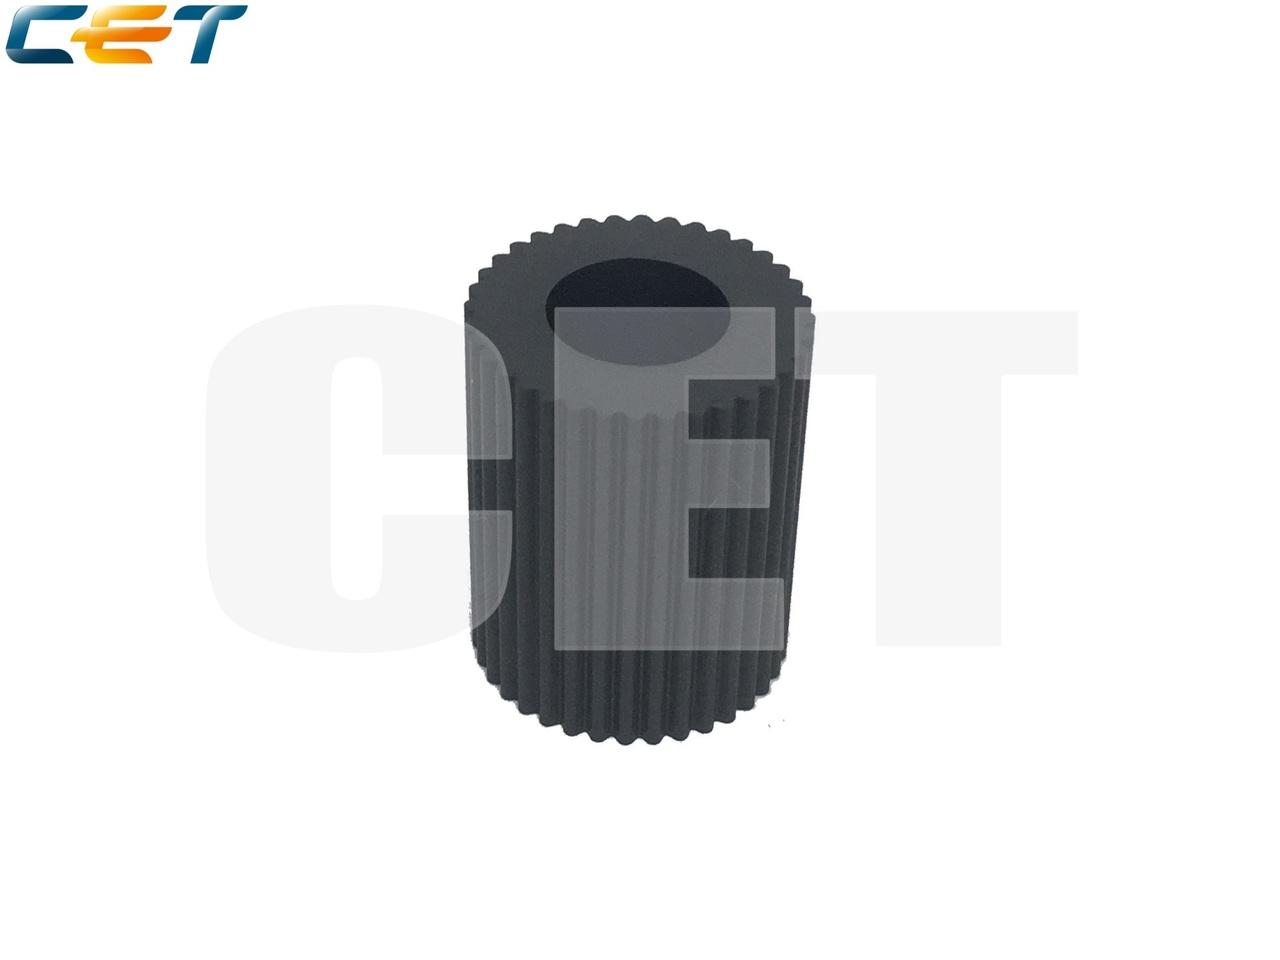 Резинка ролика подхвата 2AR07240 для KYOCERAKM-1620/1635/2035/2530/3035 (CET), CET8751